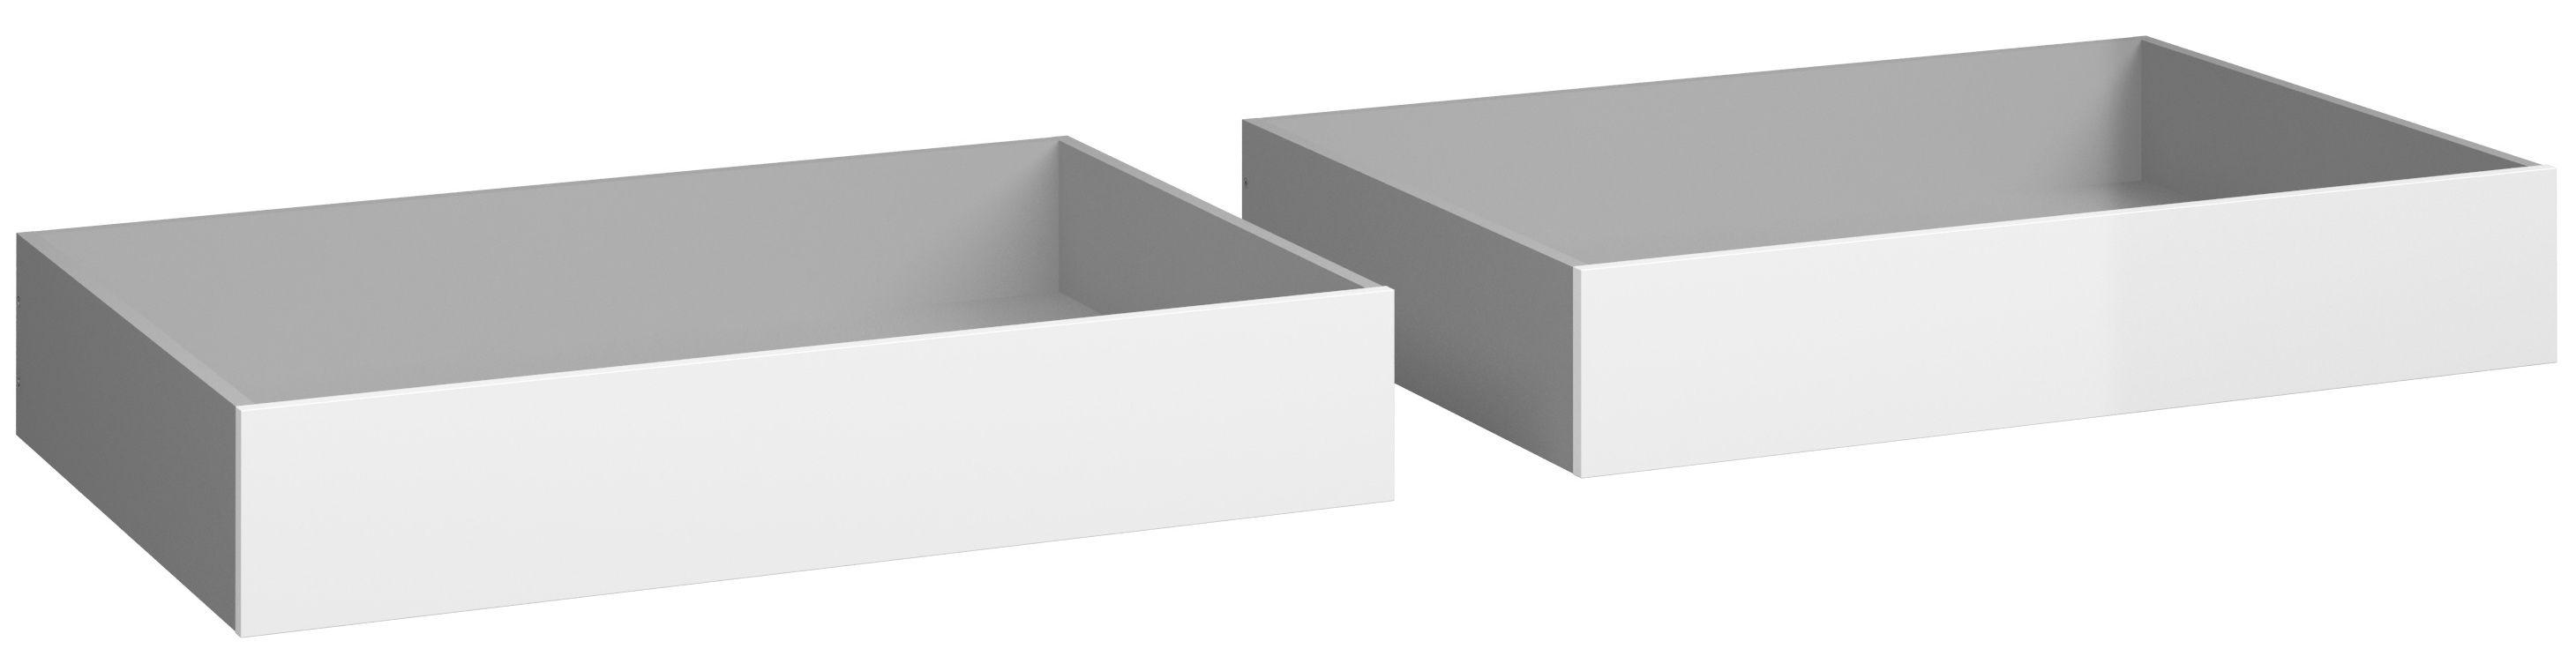 Naia Sengeskuffe - Hvid højglans B:94 - Sengeskuffe i hvid